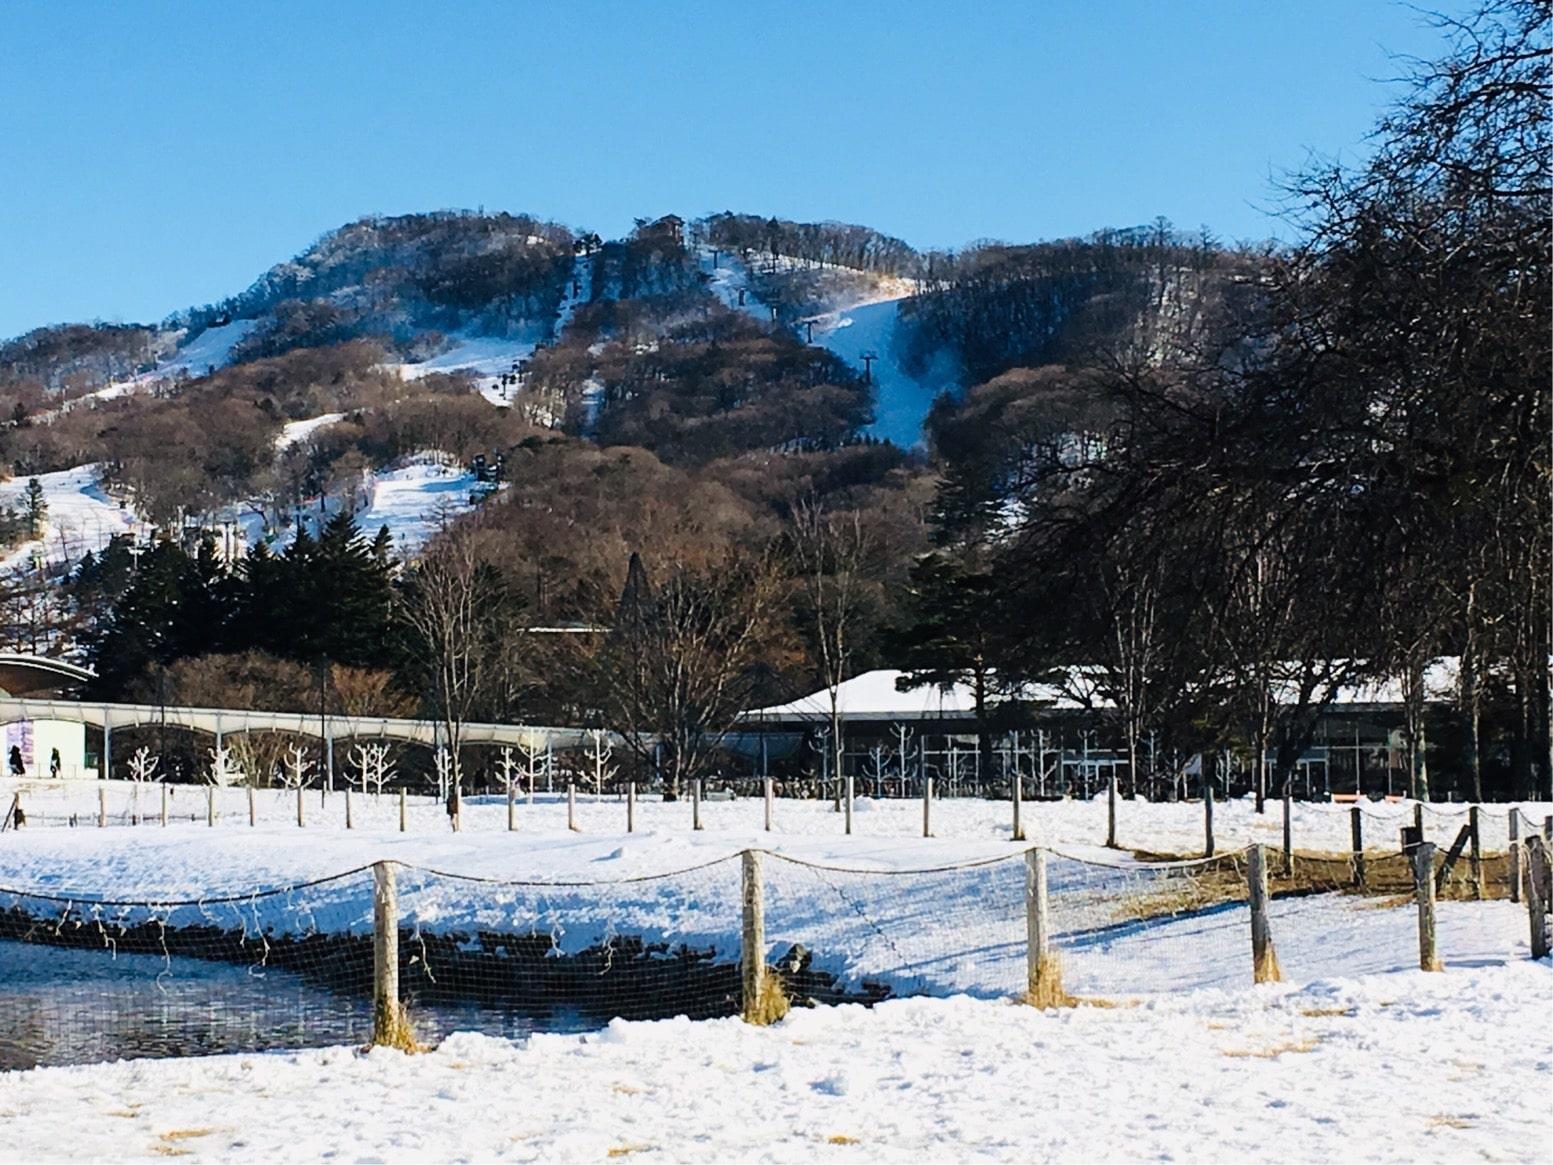 冬の軽井沢アウトレット:クリスマス当日の混雑状況やセールの状況は?